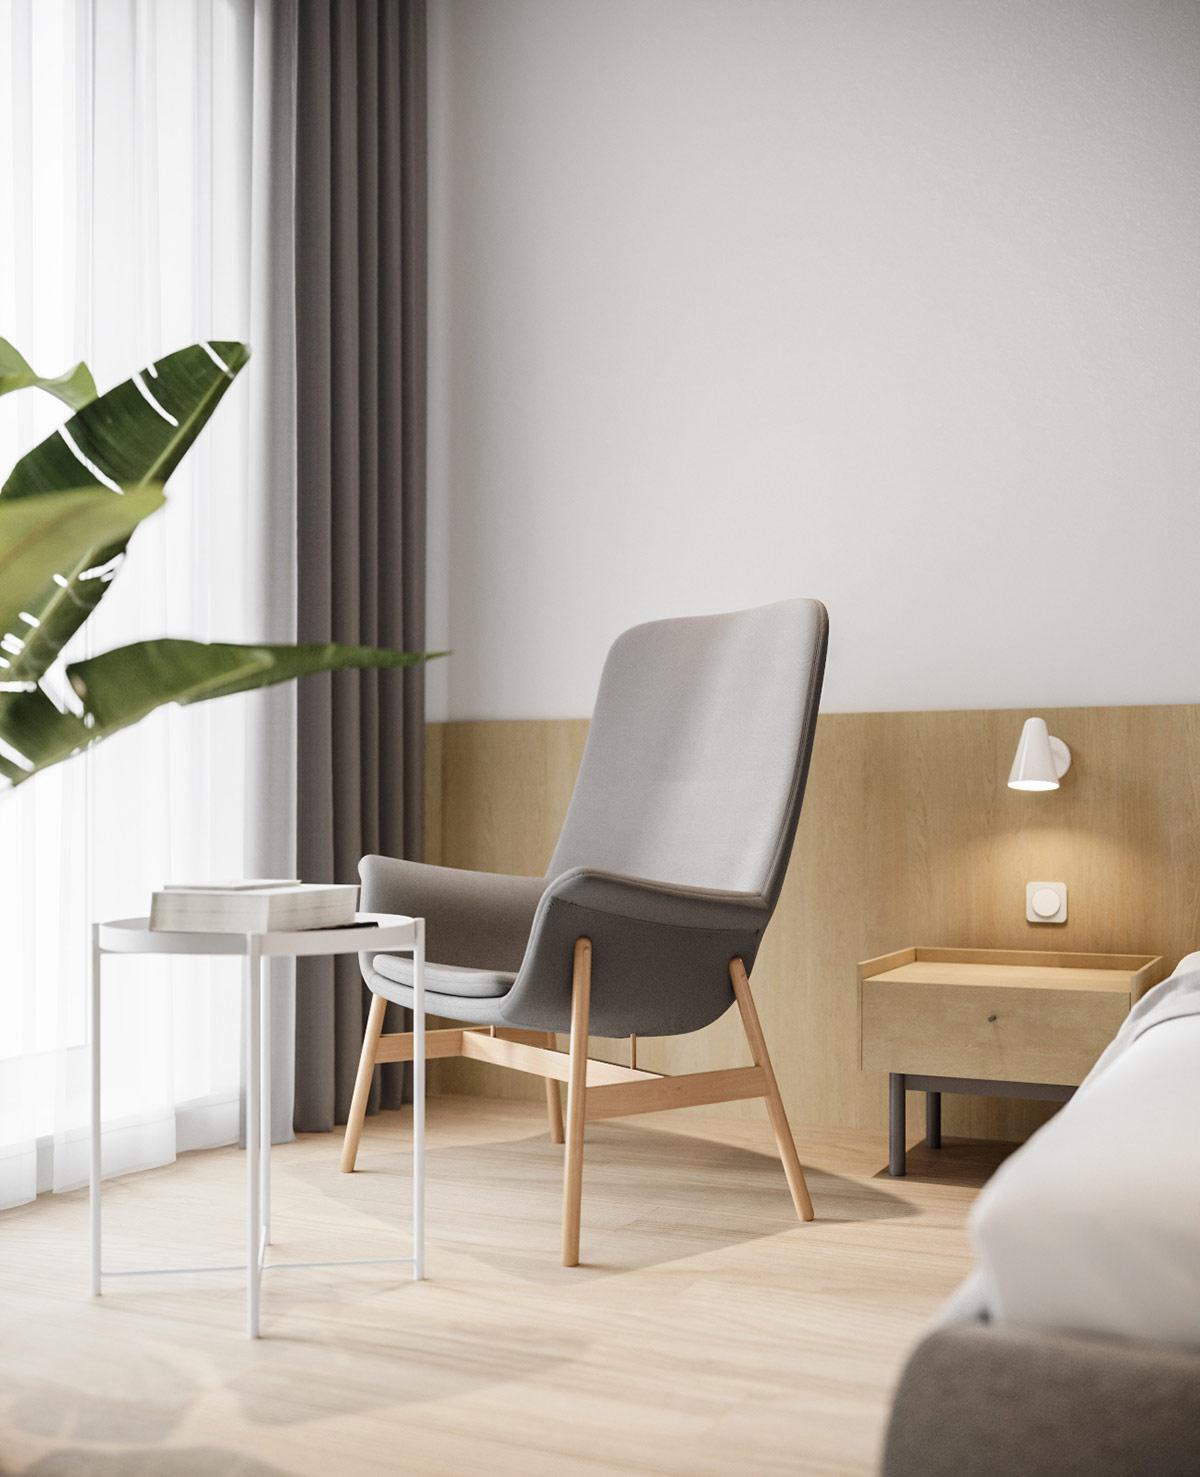 hình ảnh góc đọc sách, thư giãn cạnh cửa sổ kính phòng ngủ với bàn phụ tròn màu trắng, ghế tựa êm ái